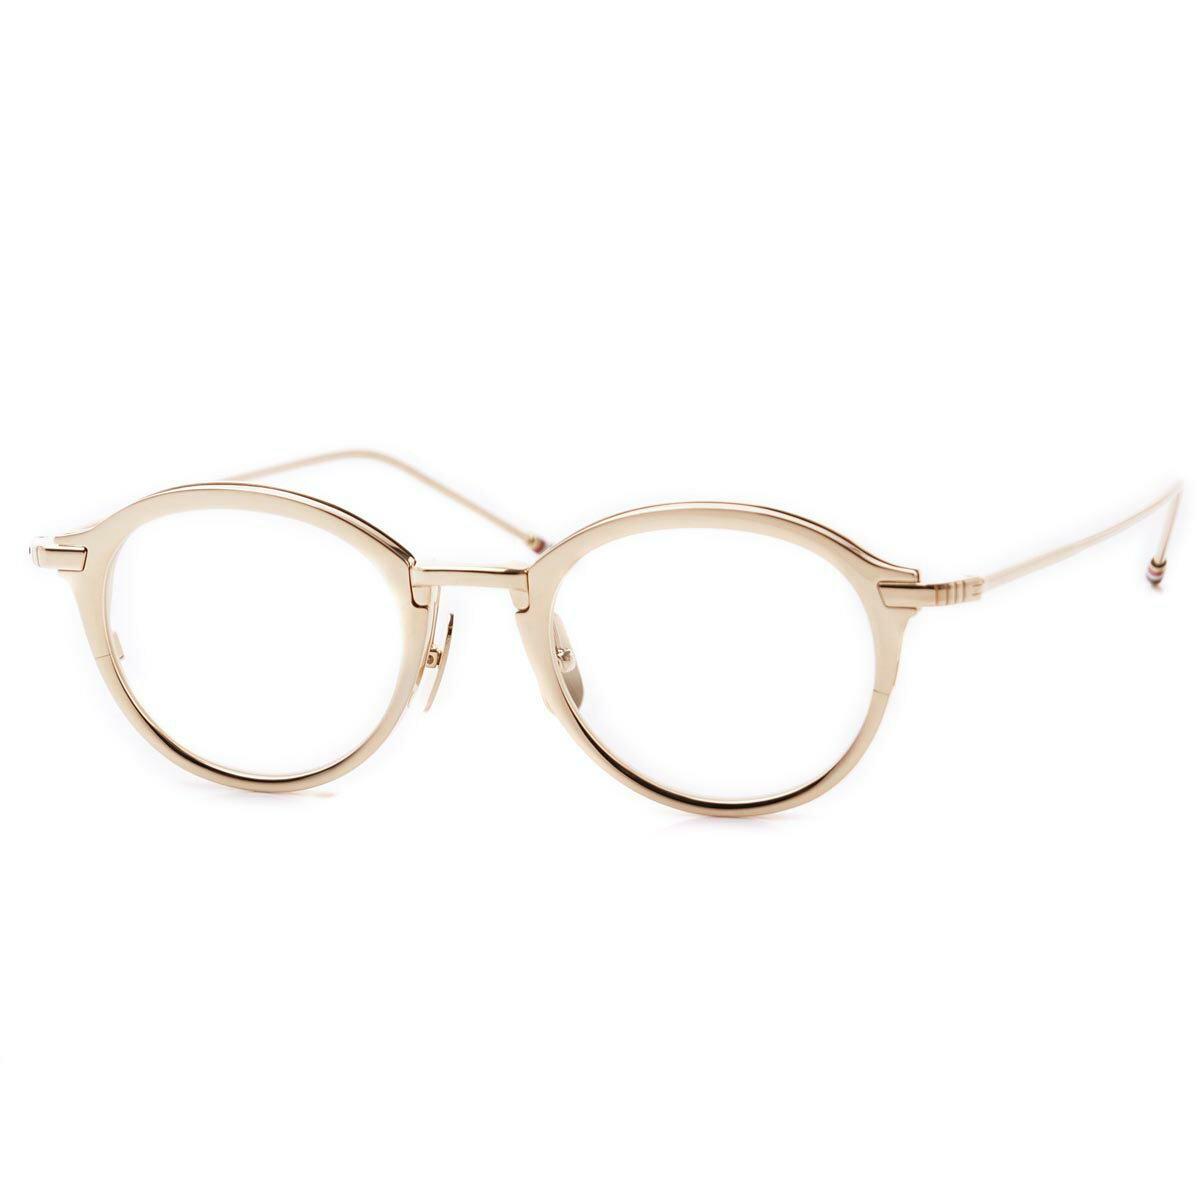 トムブラウン THOM BROWNE. 眼鏡 メガネ めがね ゴールド メンズ デザイン モード おしゃれ ギフト プレゼント tb 110 c gld 48 オーバル【あす楽対応_関東】【ラッピング無料】【返品送料無料】【180625】